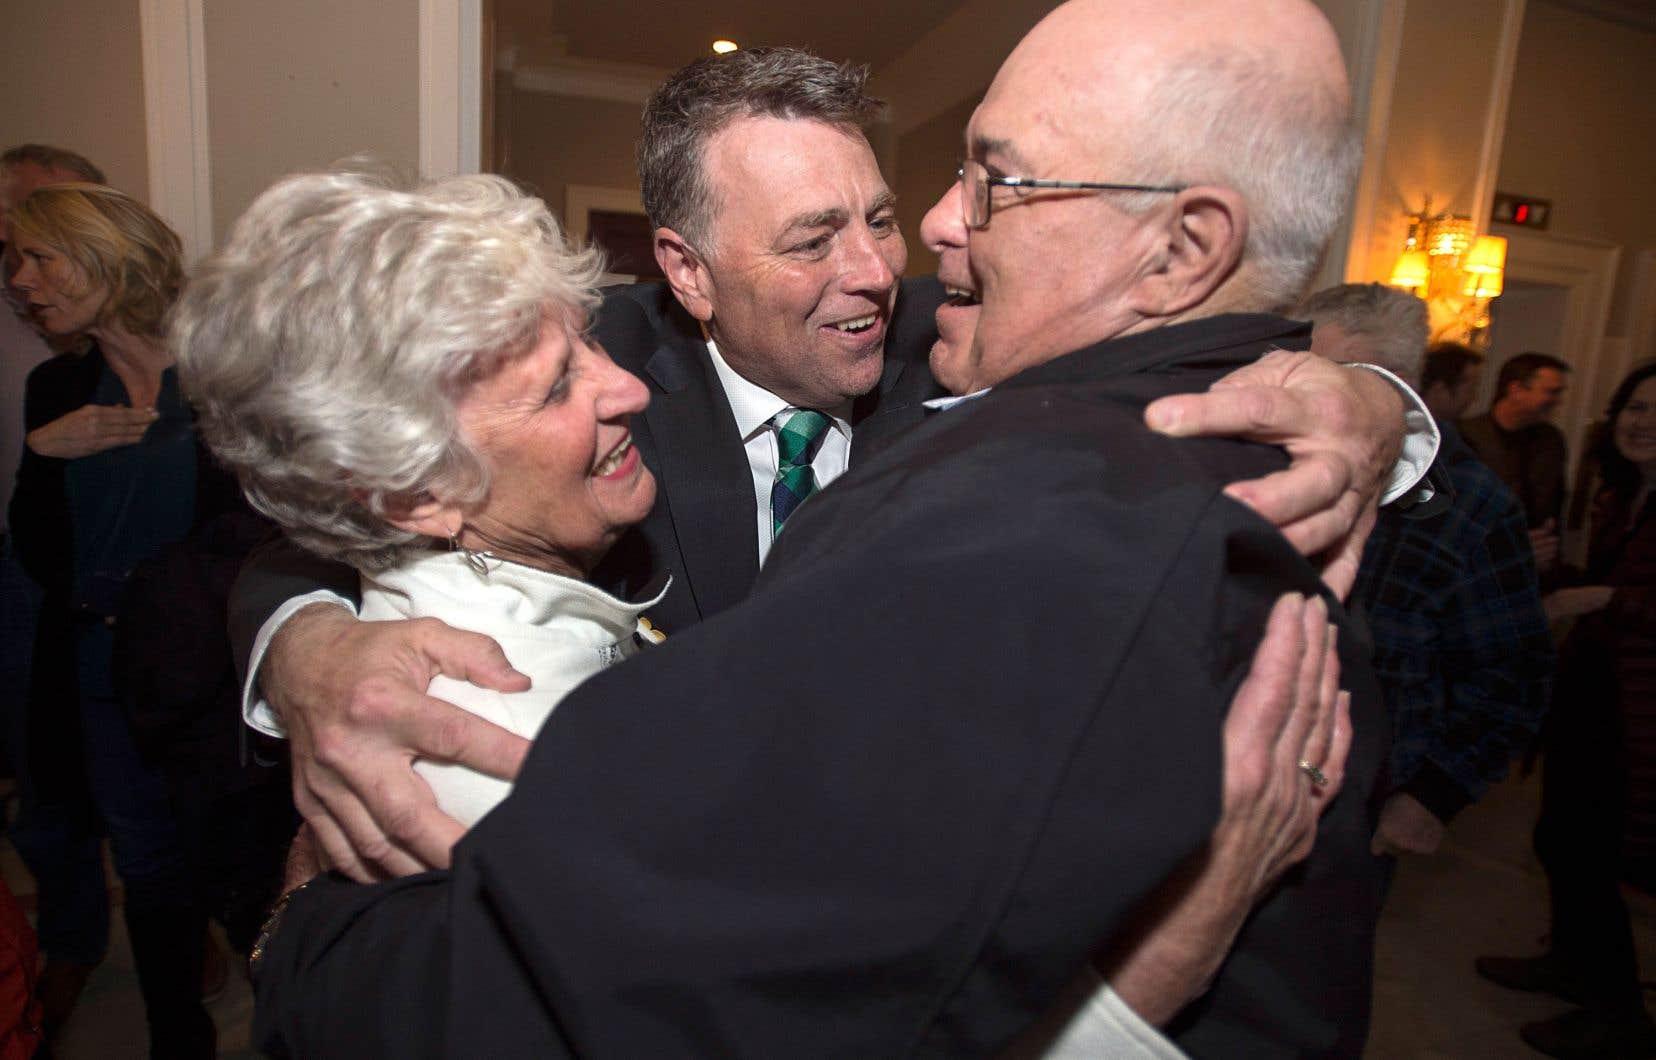 Le chef du parti conservateur de l'Île-du-Prince-Édouard, Dennis King, reçoit les félicitations de ses partisans après l'annonce de sa victoire mardi.